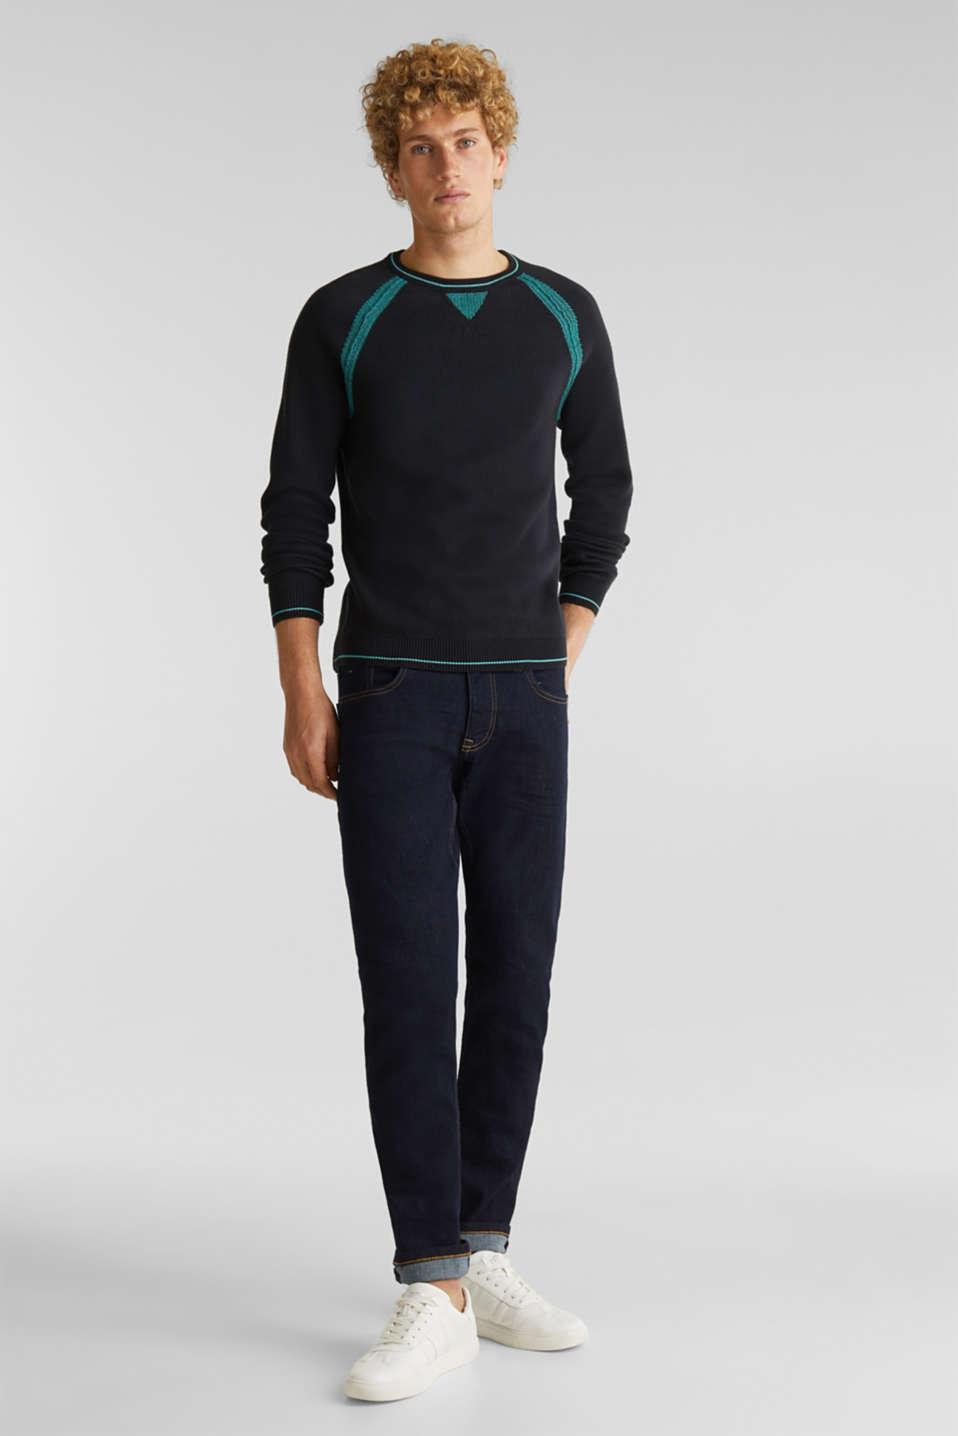 Jumper with contrasting details, 100% cotton, BLACK 2, detail image number 6